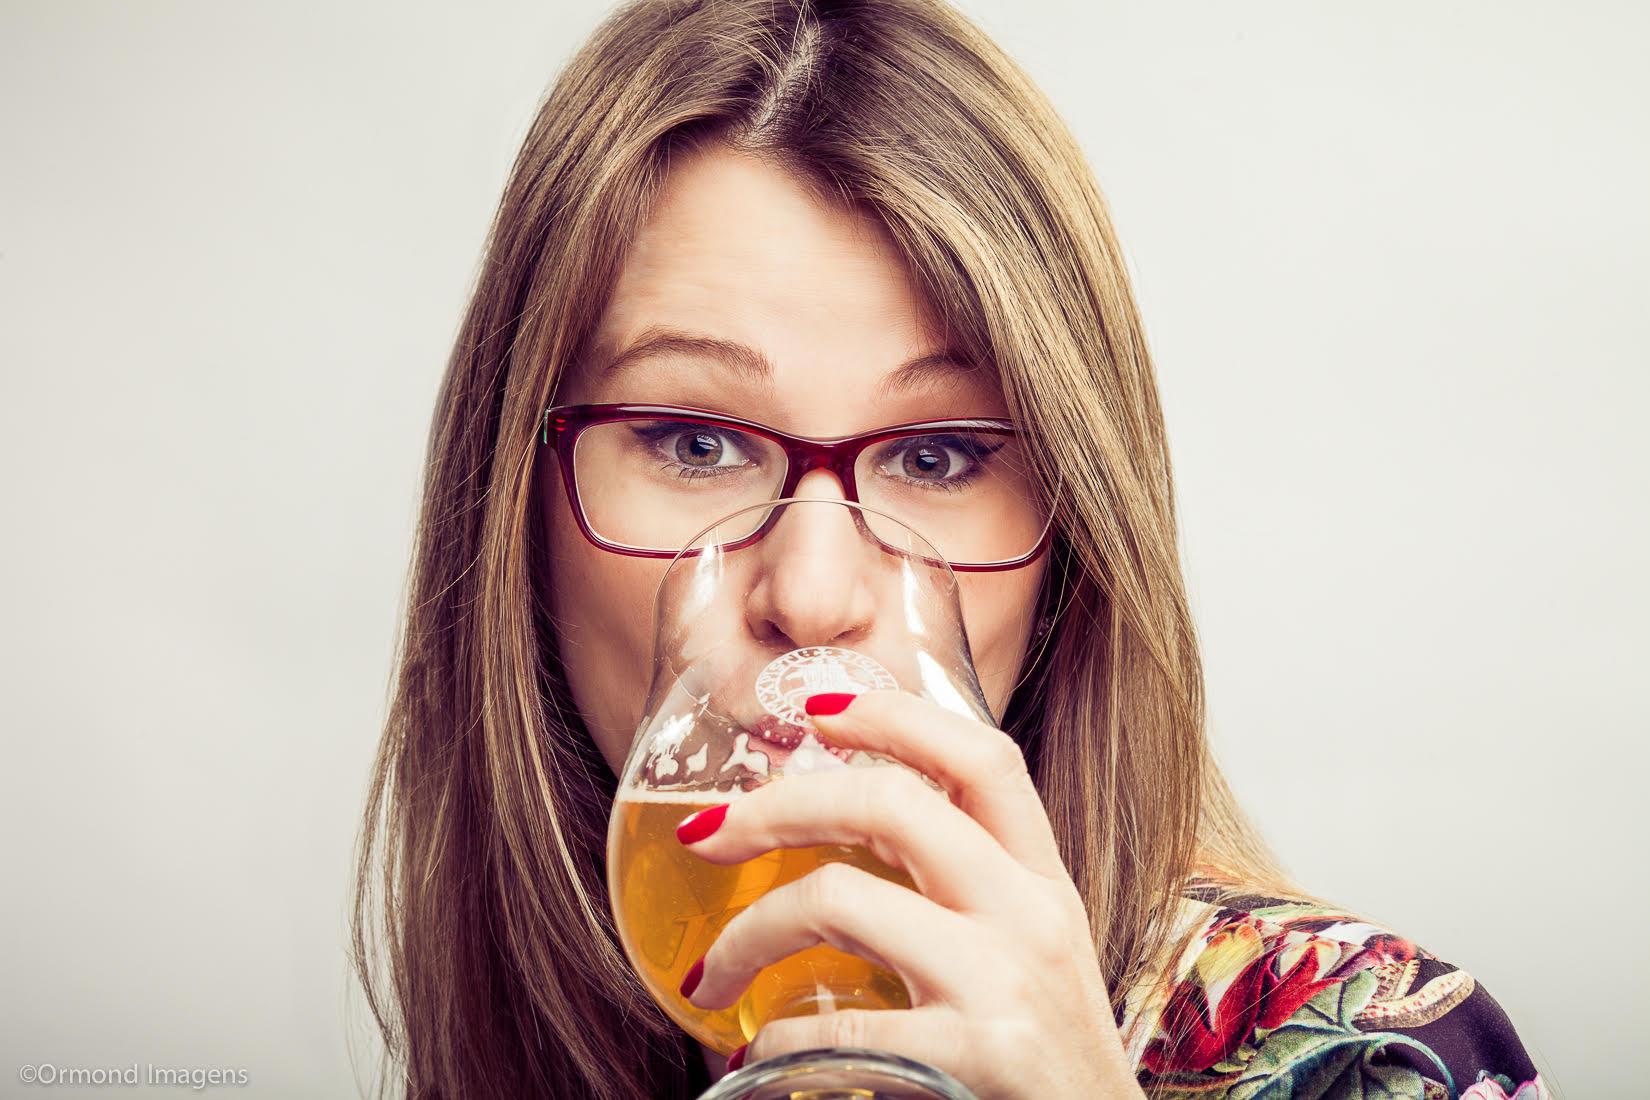 """A diretora do Science of Beer Institute, doutora em Engenharia Química,aborda """"harmonização entre cervejas e pratos tradicionais da culinária chilena baseados em mexilhões"""" (Foto: Divulgação)"""